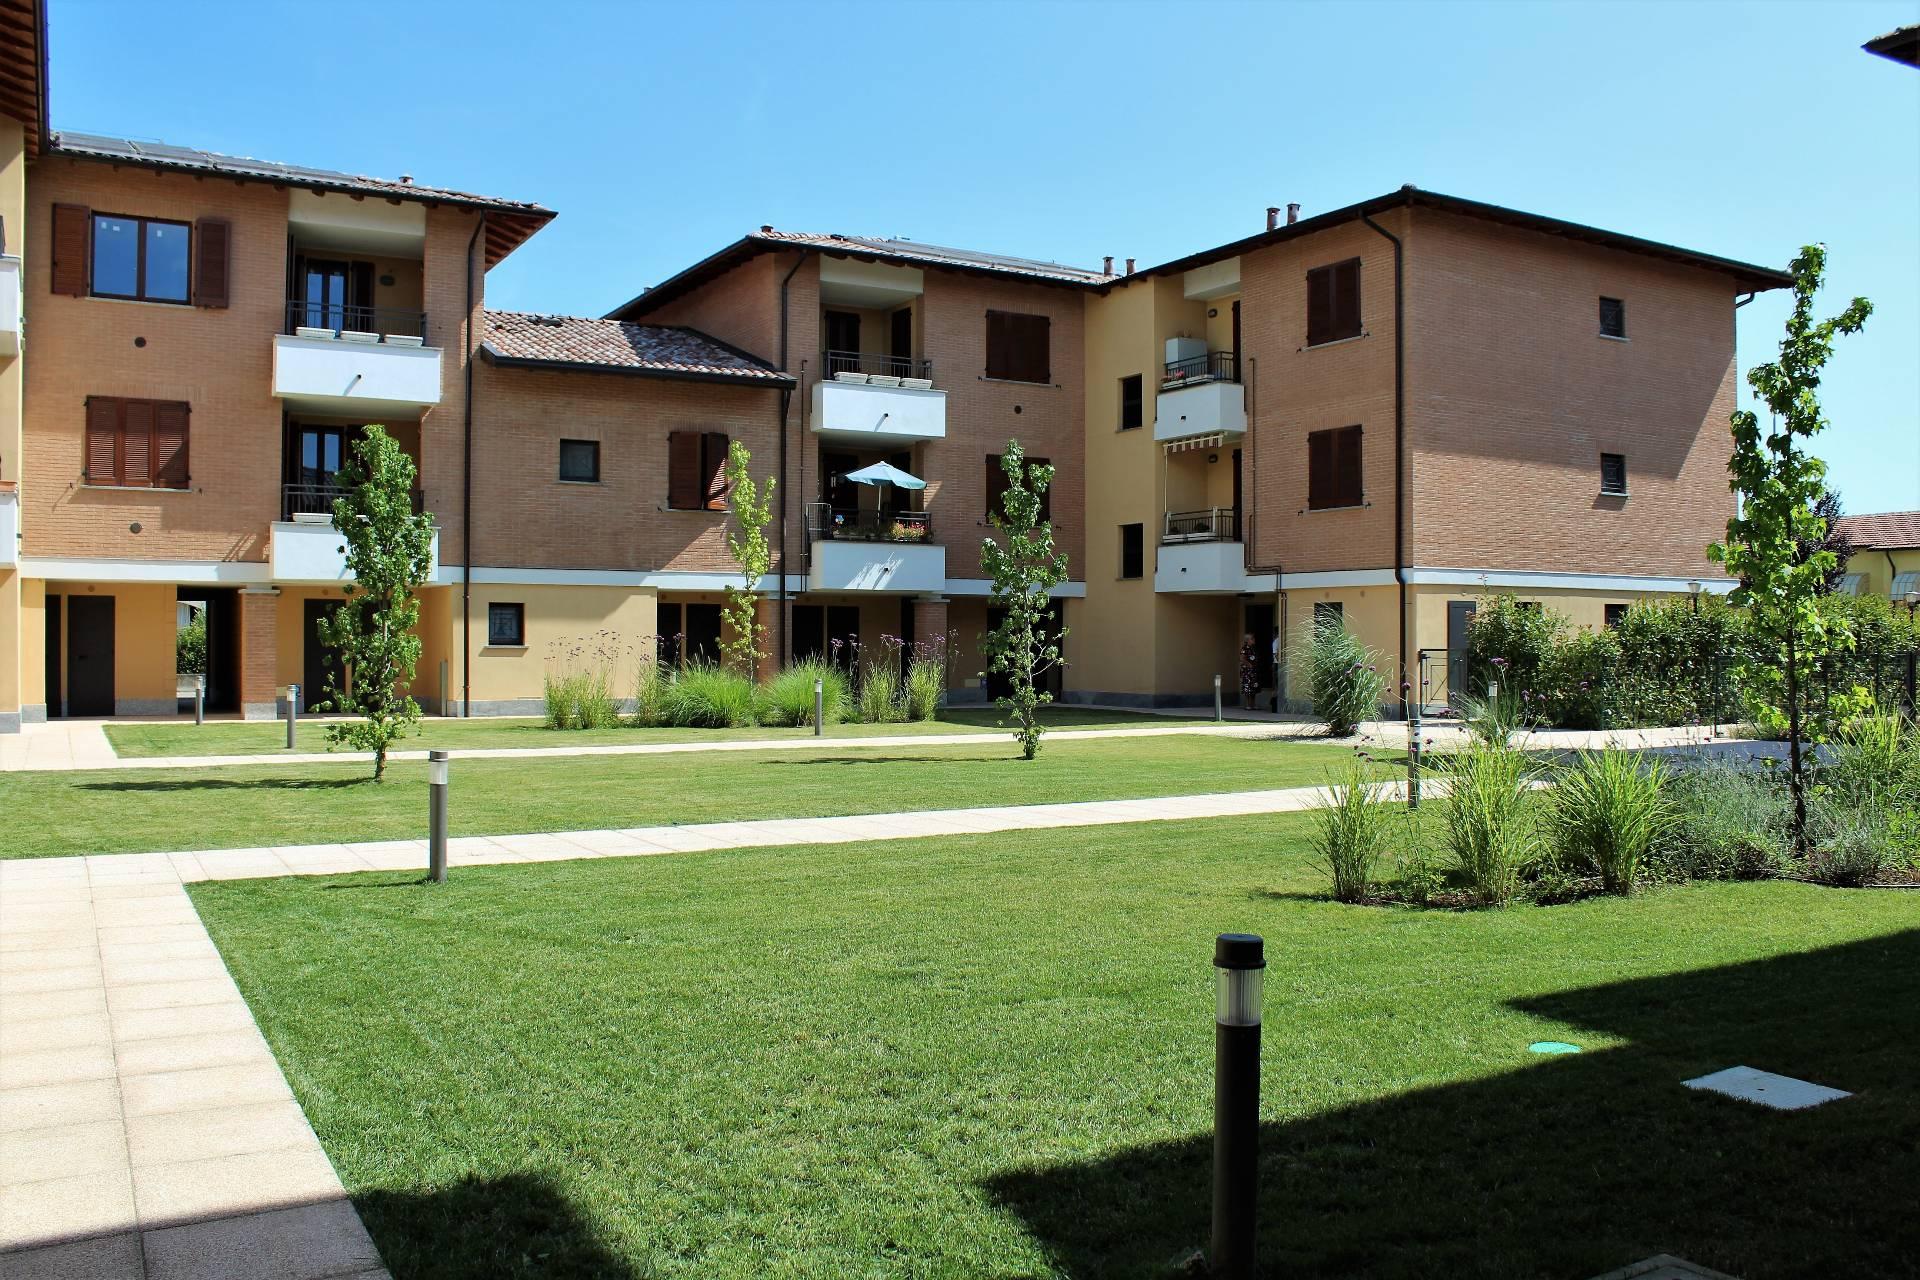 Appartamento in Vendita a Travacò Siccomario